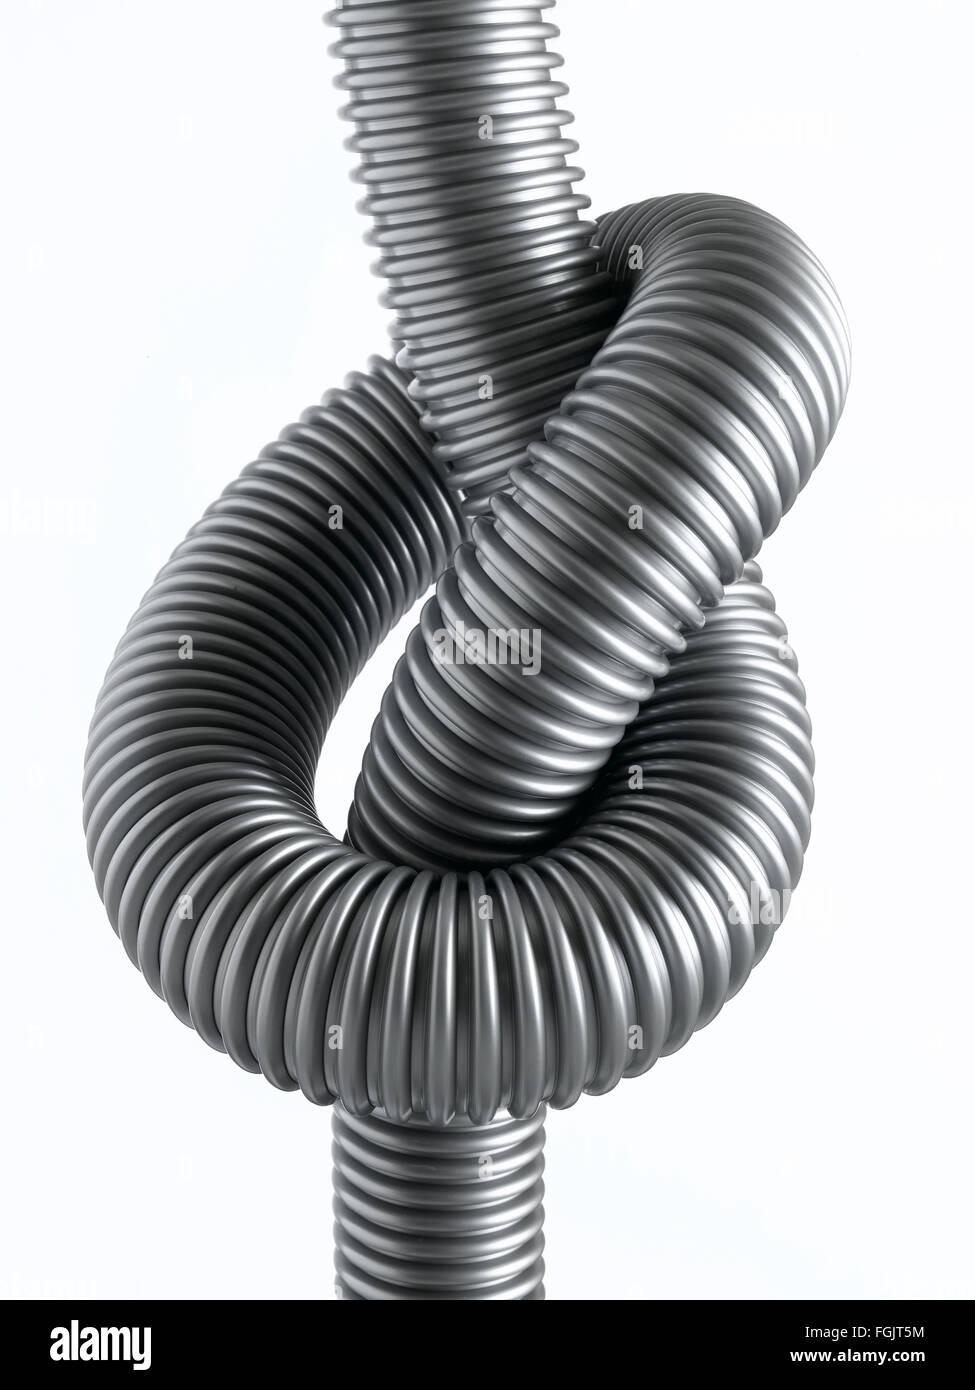 Isolated corrugated Hose - Stock Image